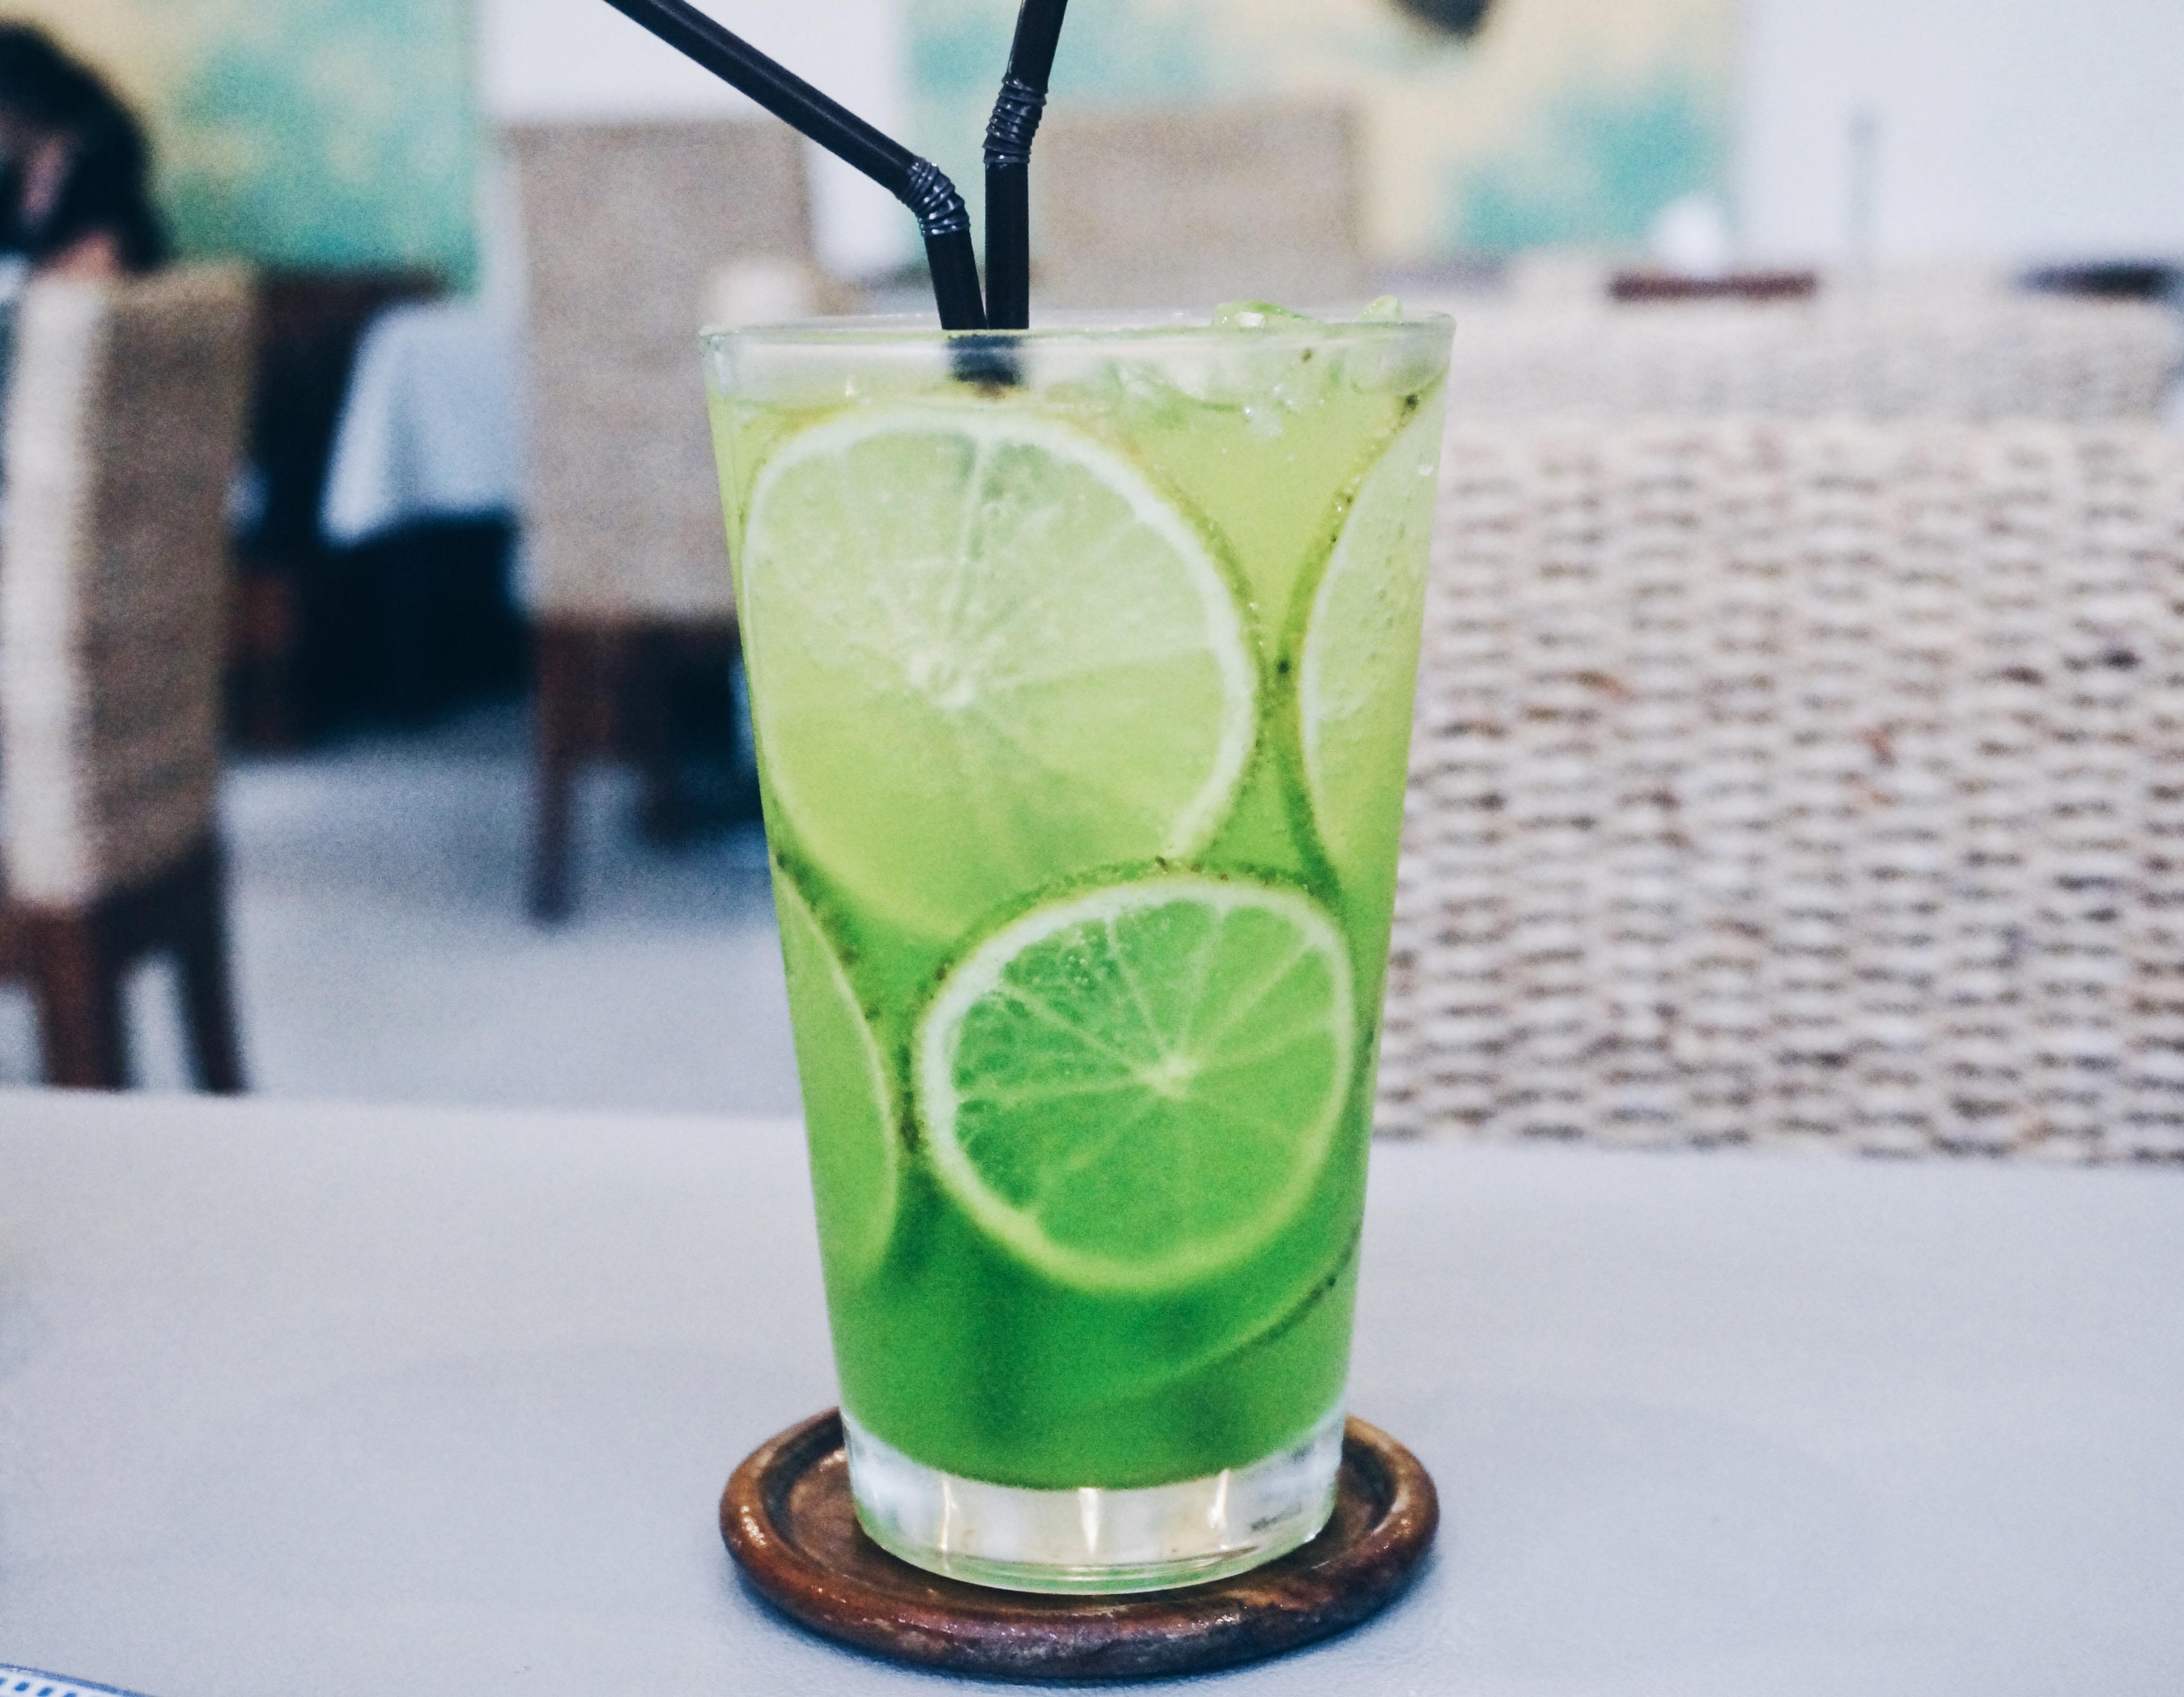 Limettencocktail in Thailand